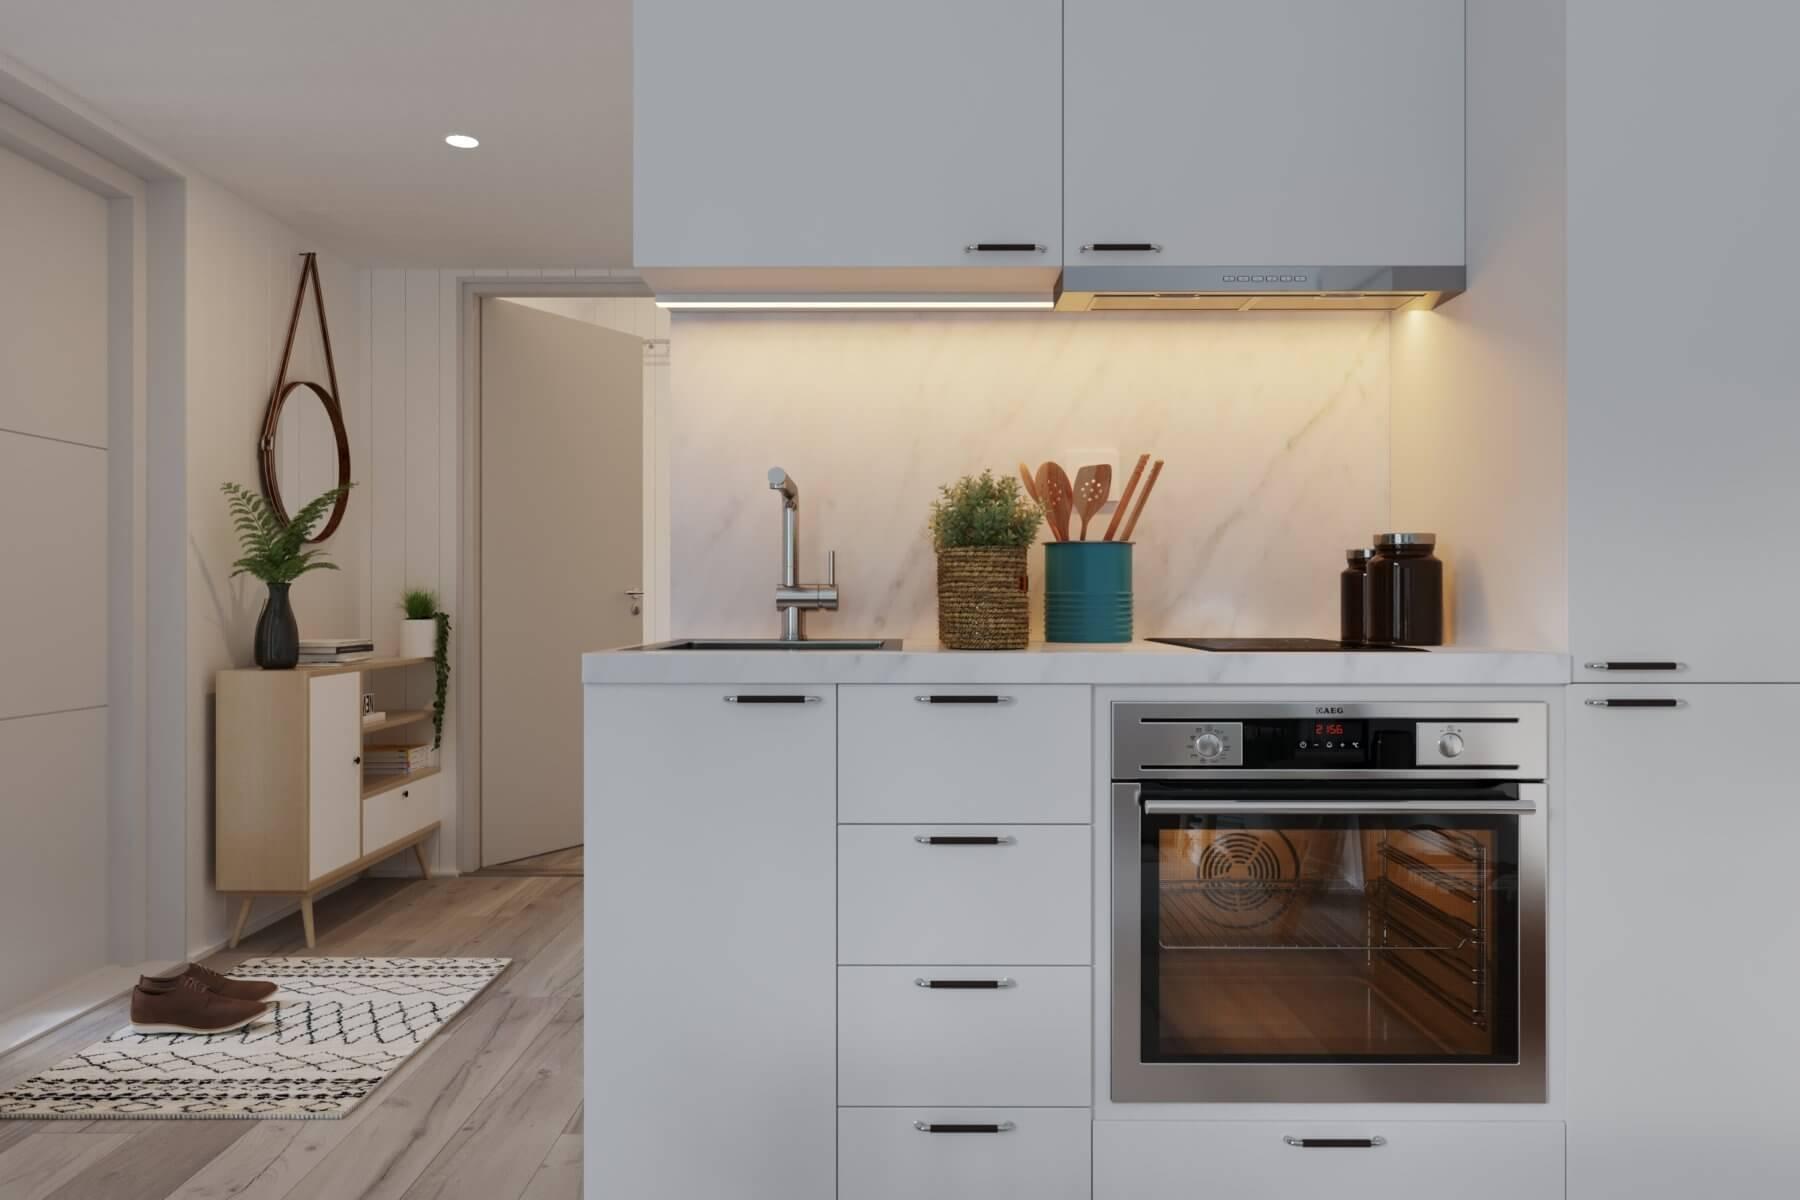 Kök med ugn, induktionshäll, förvaring och tänd belysning i fritidshus